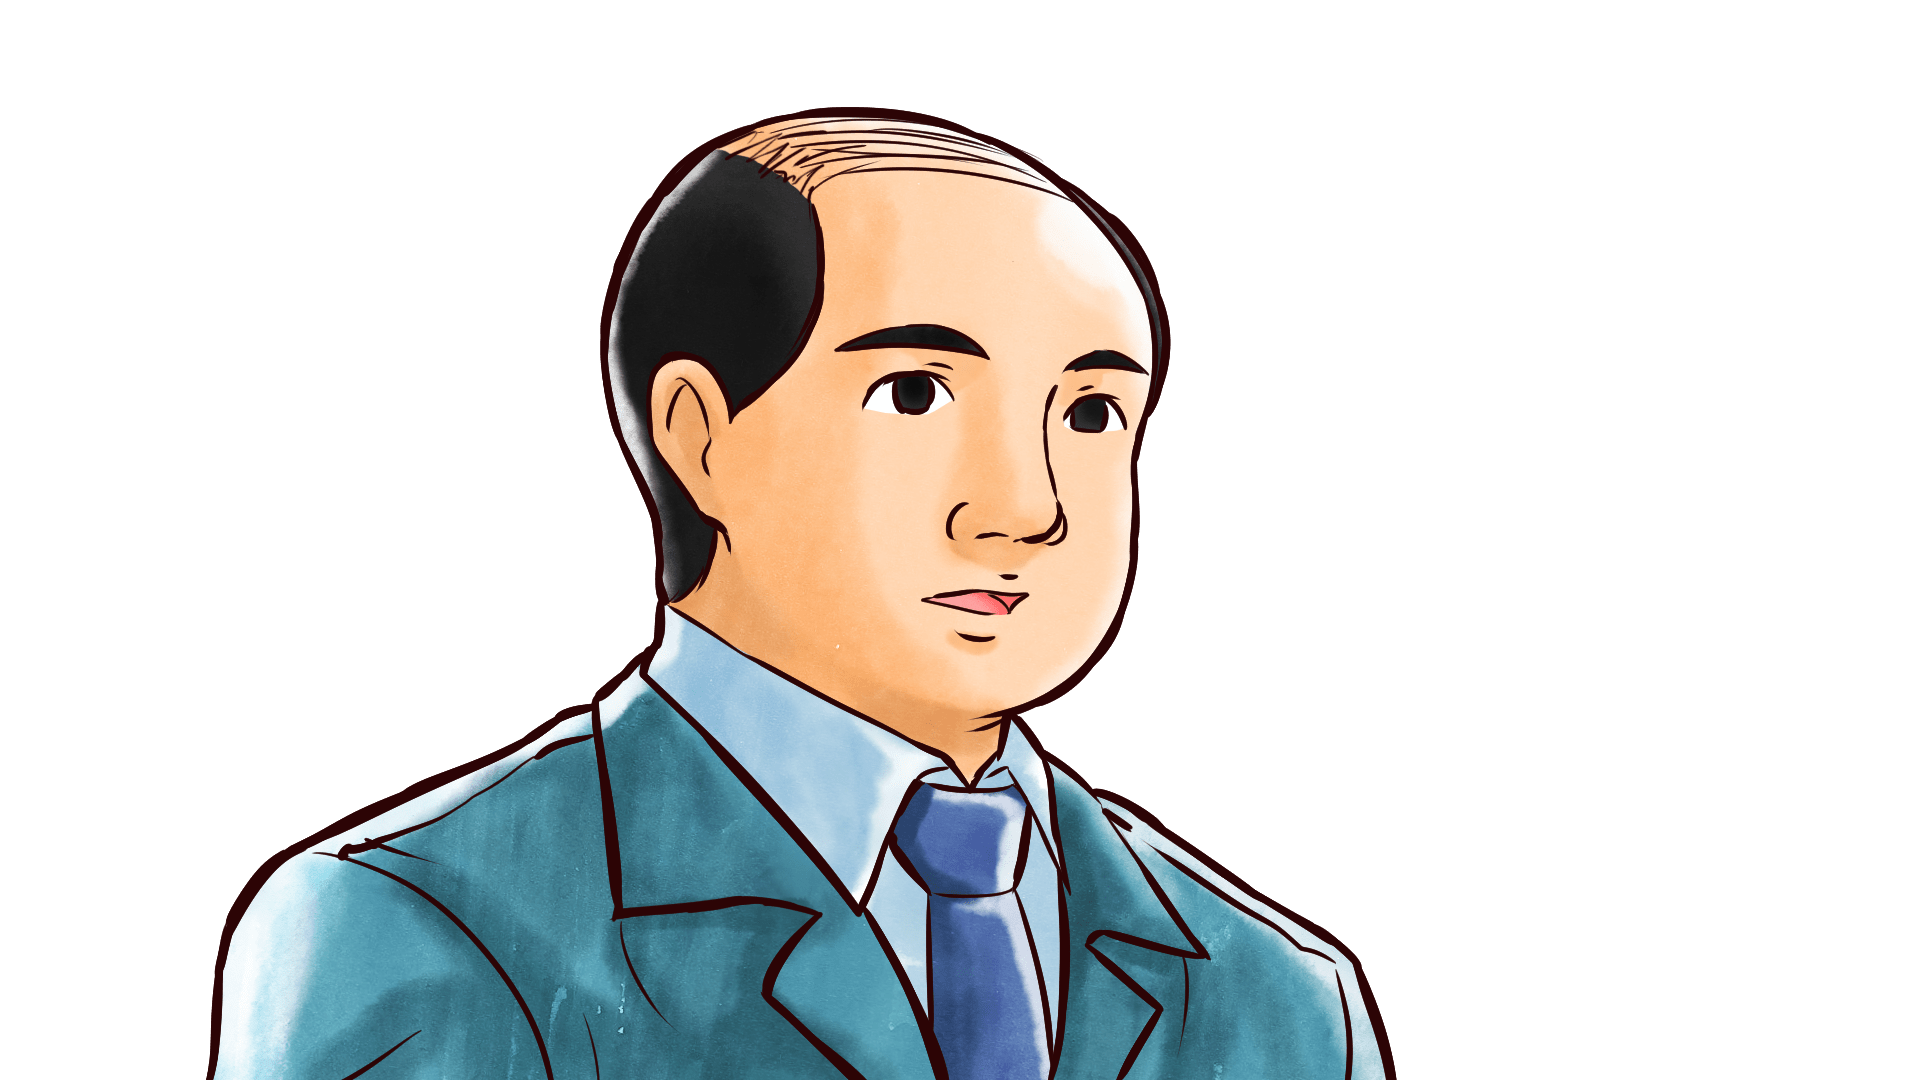 真面目な表情を浮かべるスーツ姿のハゲたおじさんのフリーイラスト画像